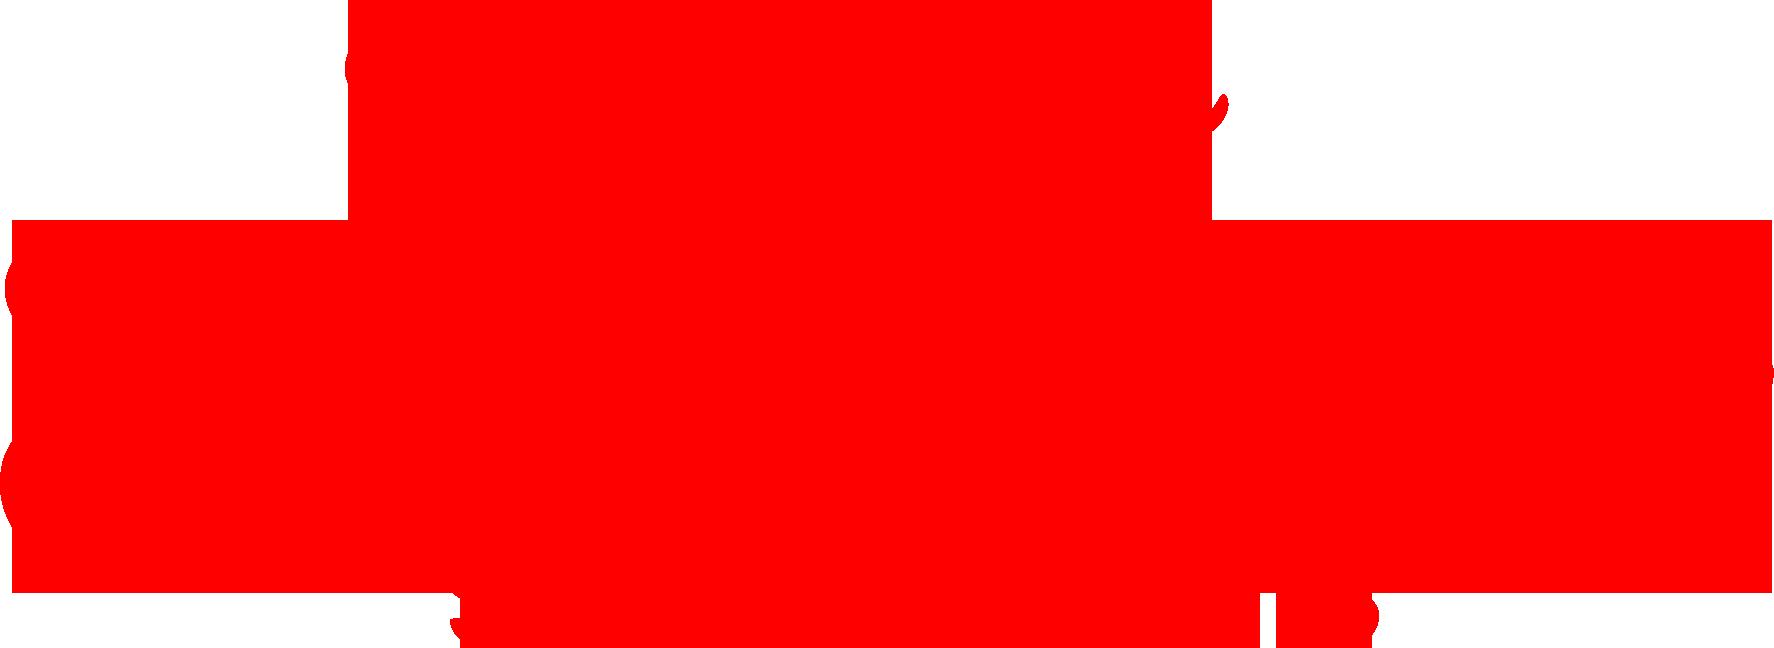 End-of-Summer-Savings.png